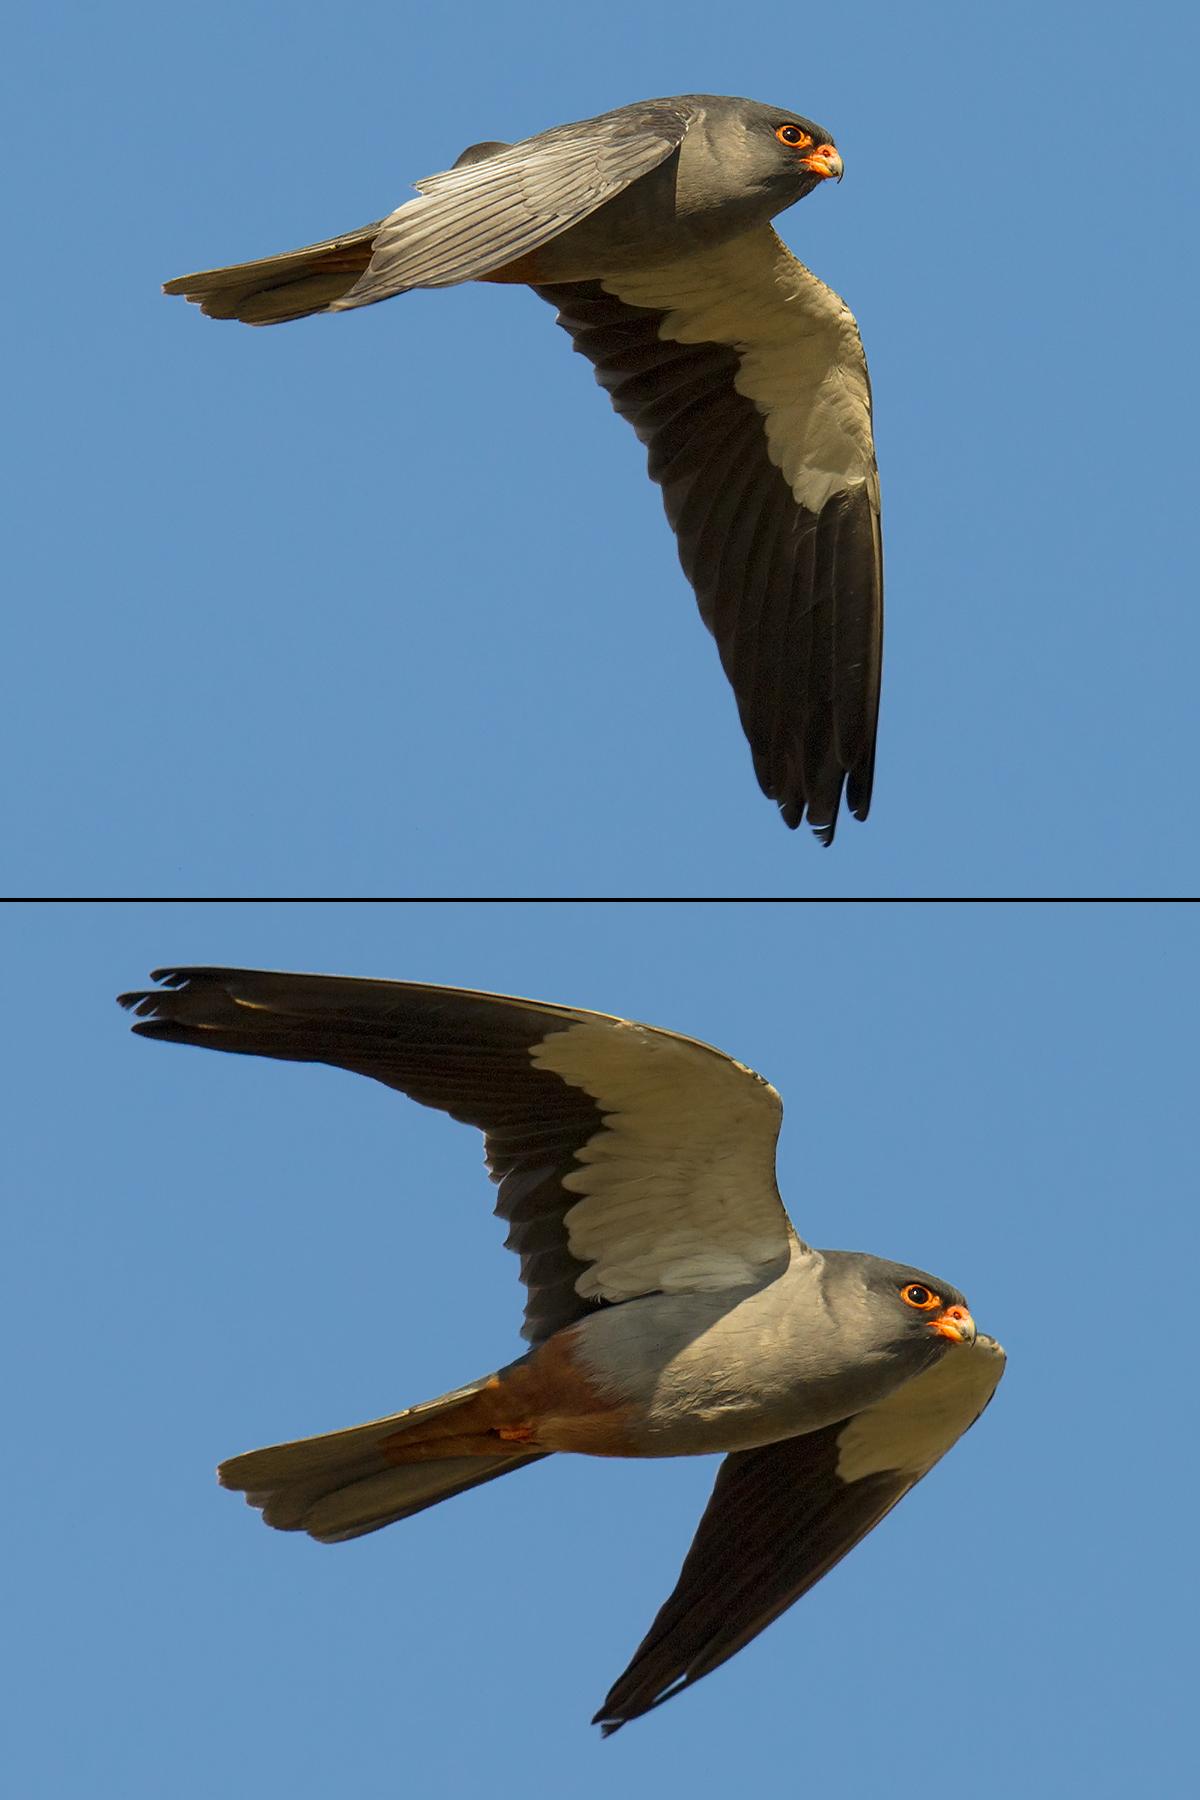 Male Amur Falcon at Zhalong, 5 May 2013. (Craig Brelsford)